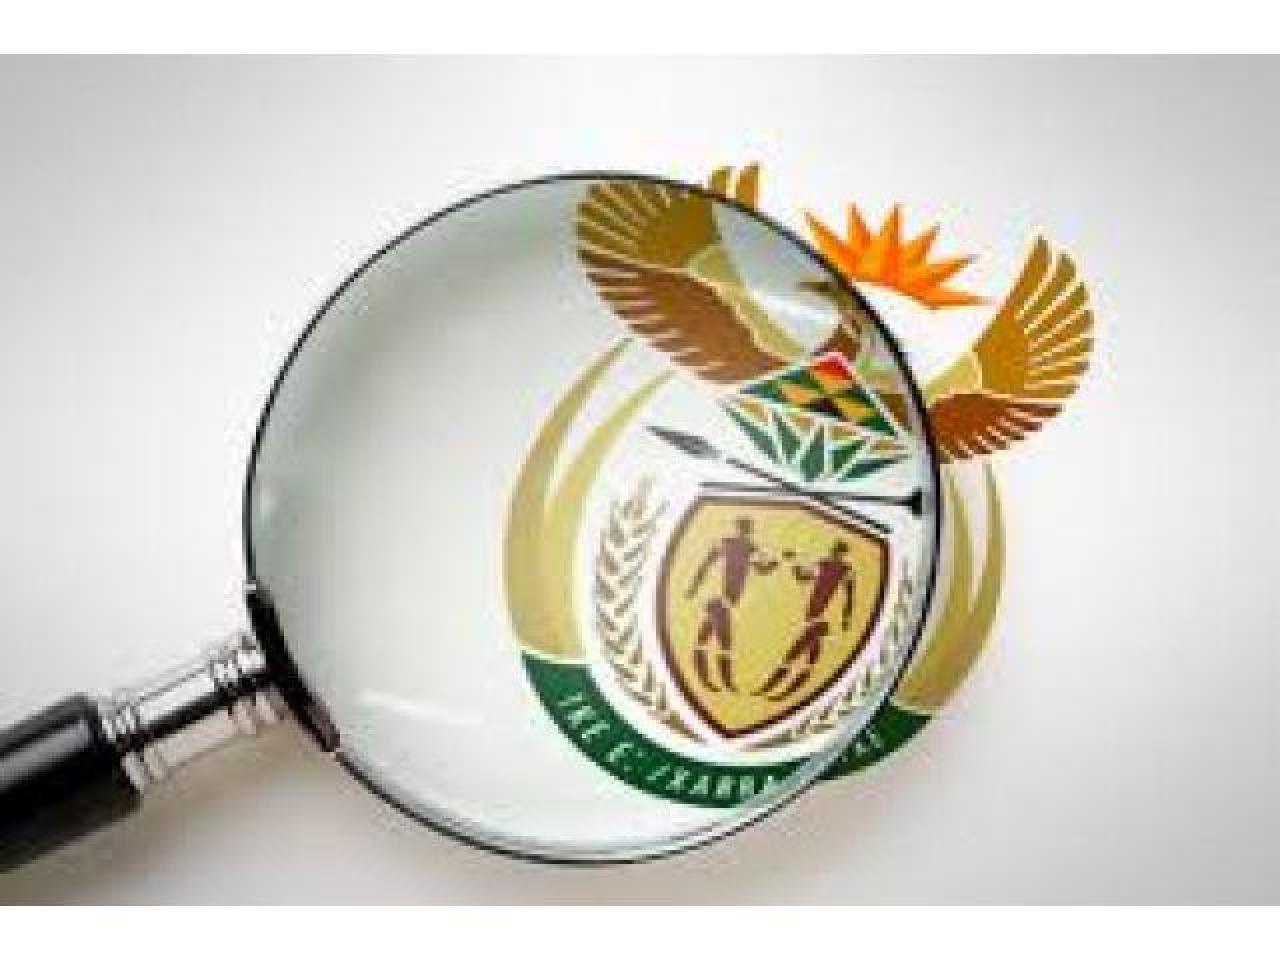 Проверка компаний, партнера по бизнесу, контрагента в ЮАР. - 1